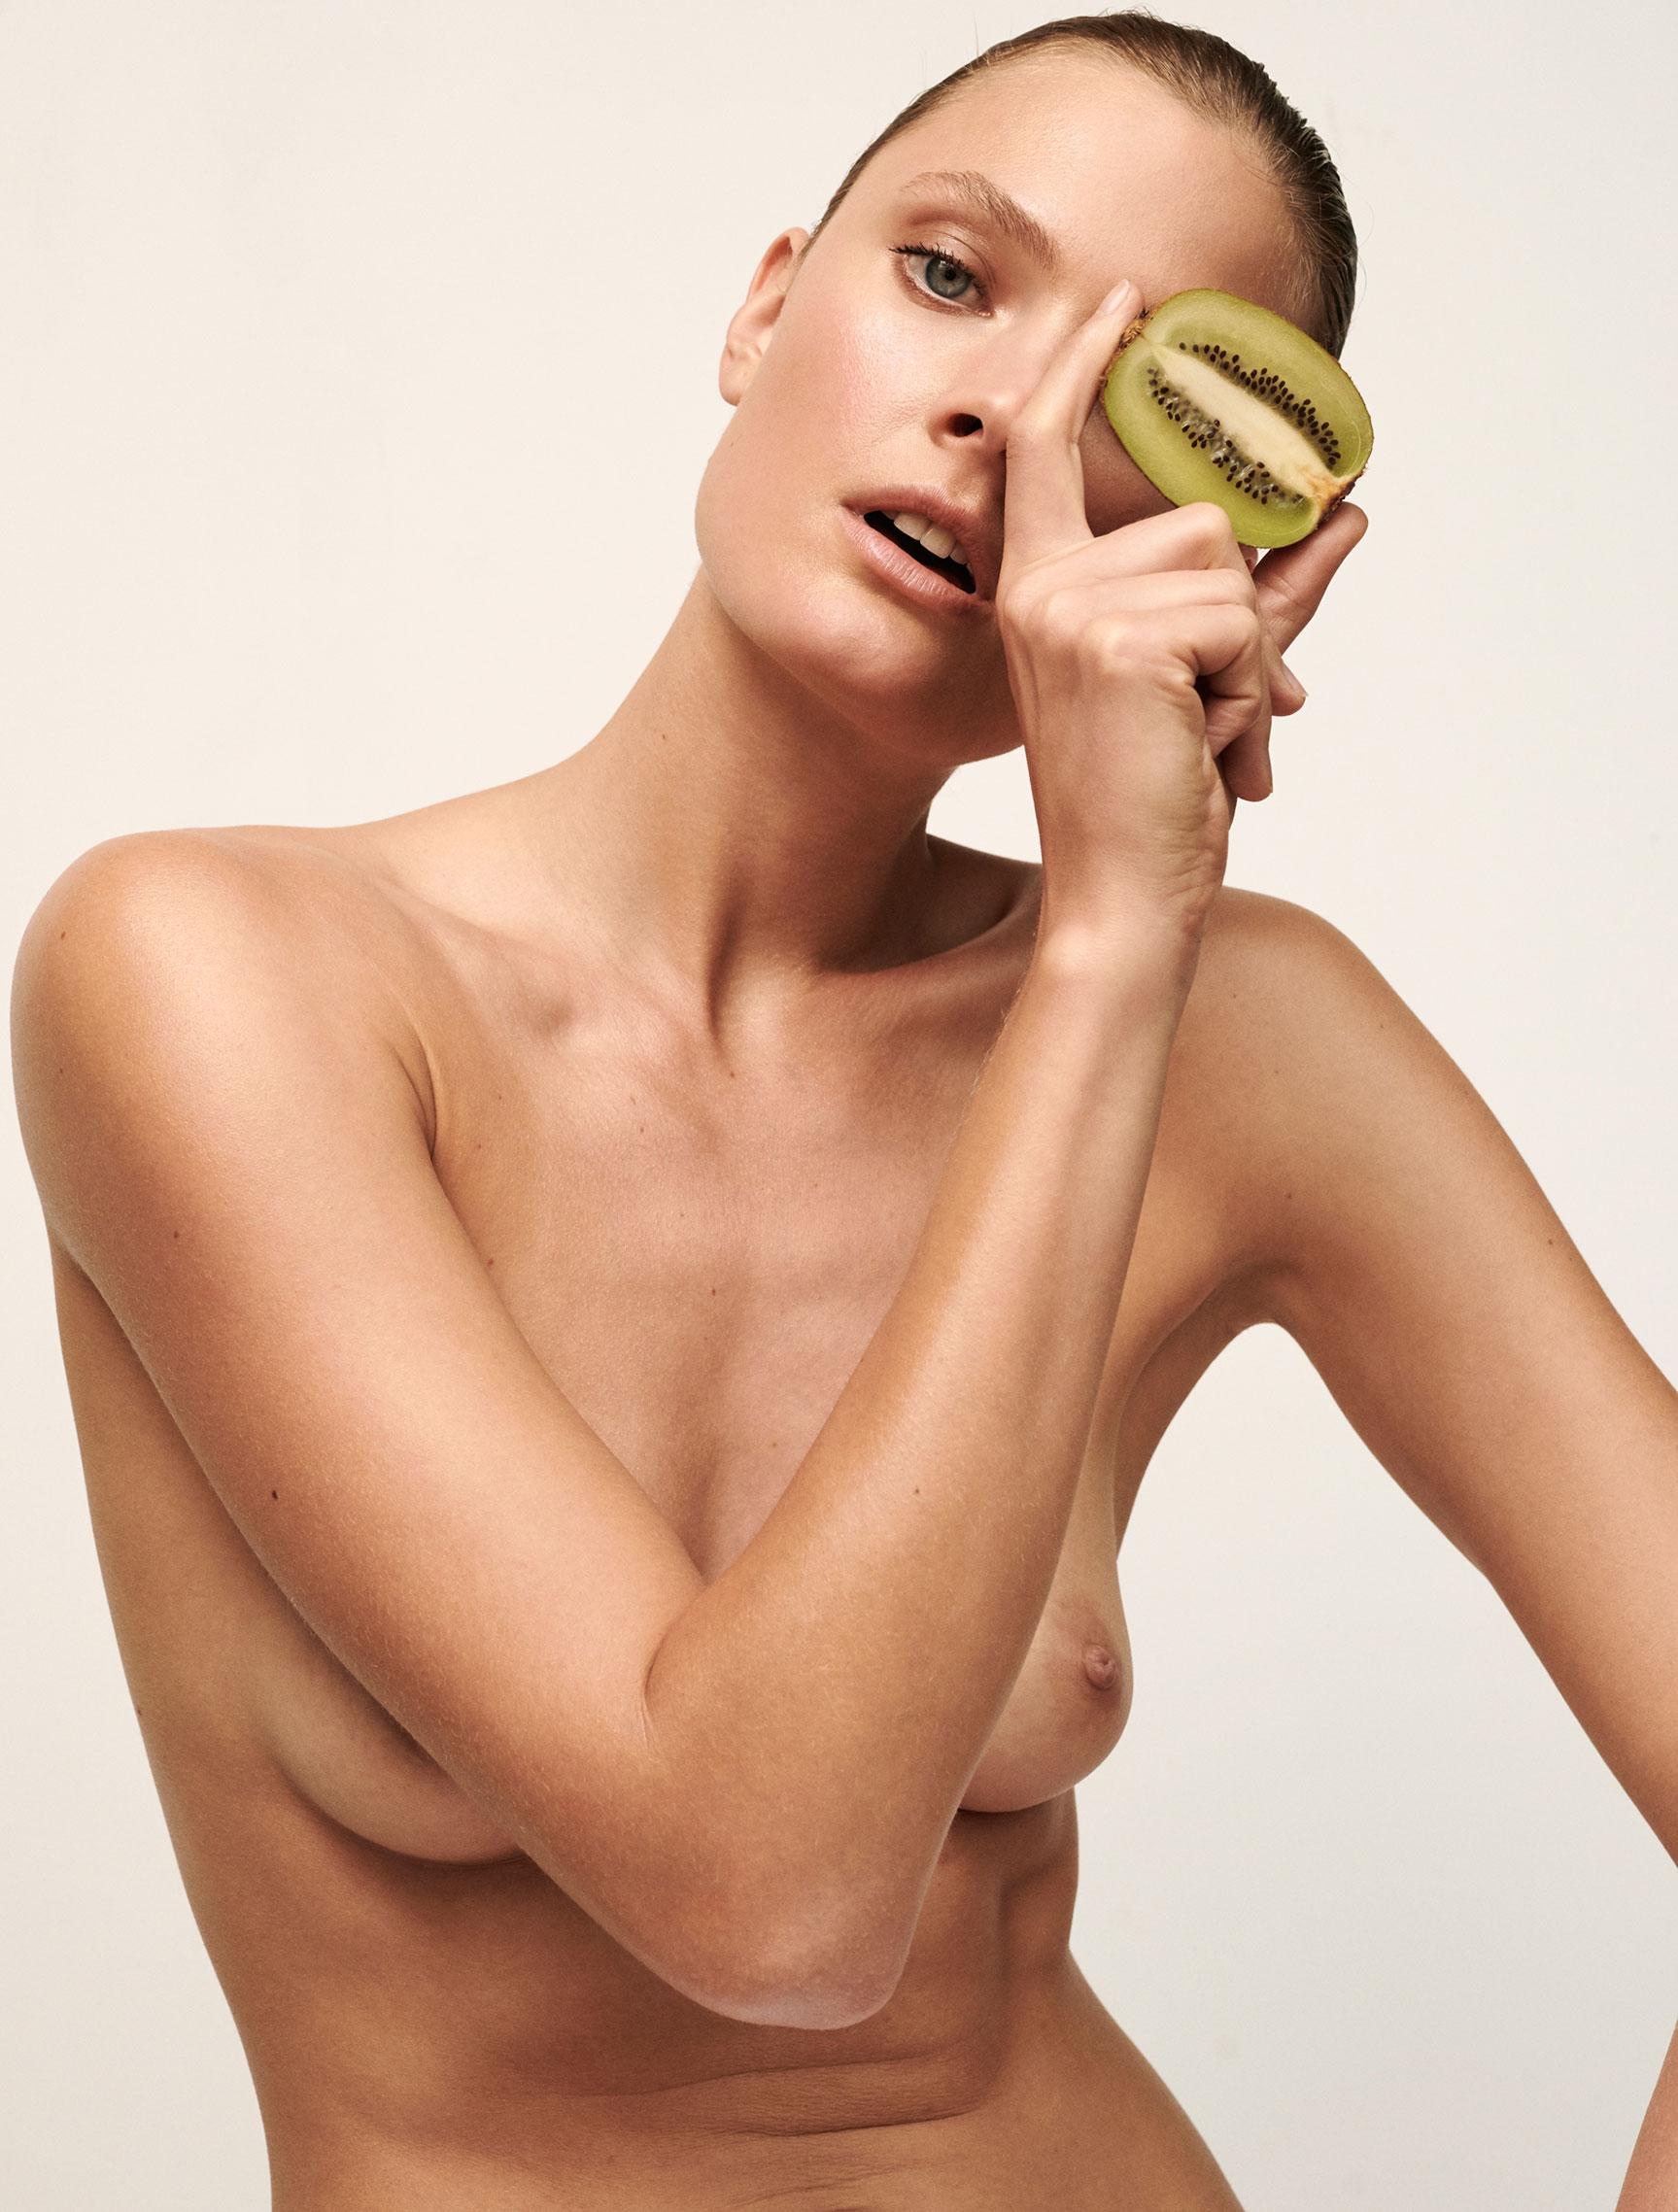 Полезная еда и голая женщина / фото 08